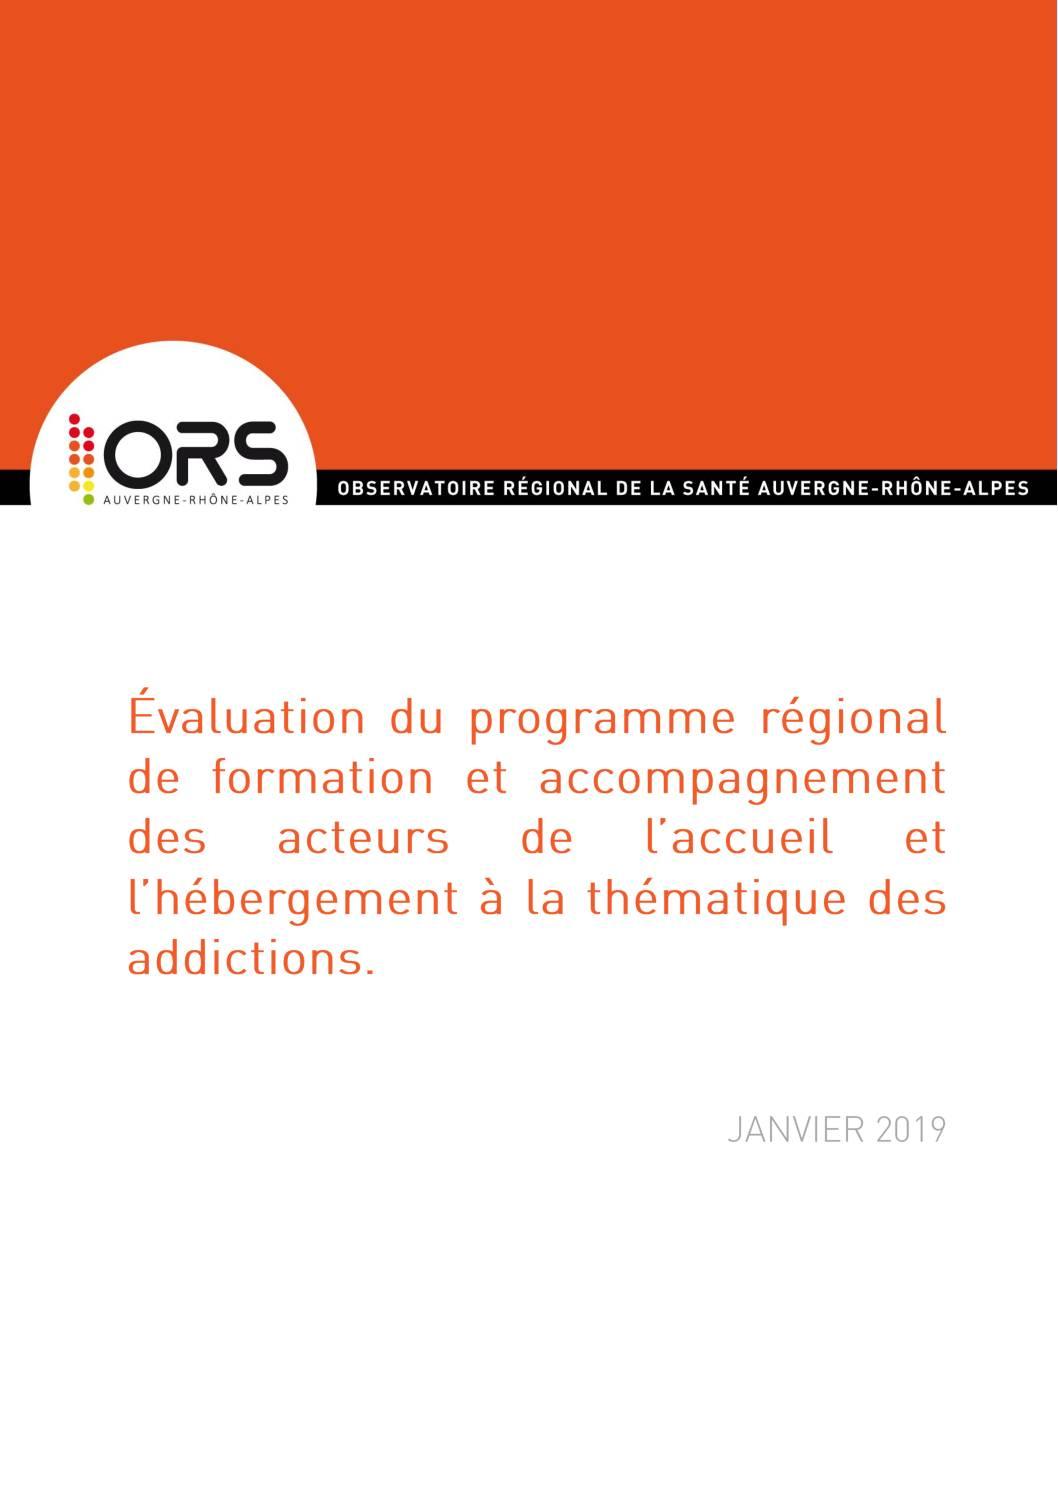 Evaluation du programme régional de formation et accompagnement des acteurs de l'accueil et l'hébergement à la thématique des addictions